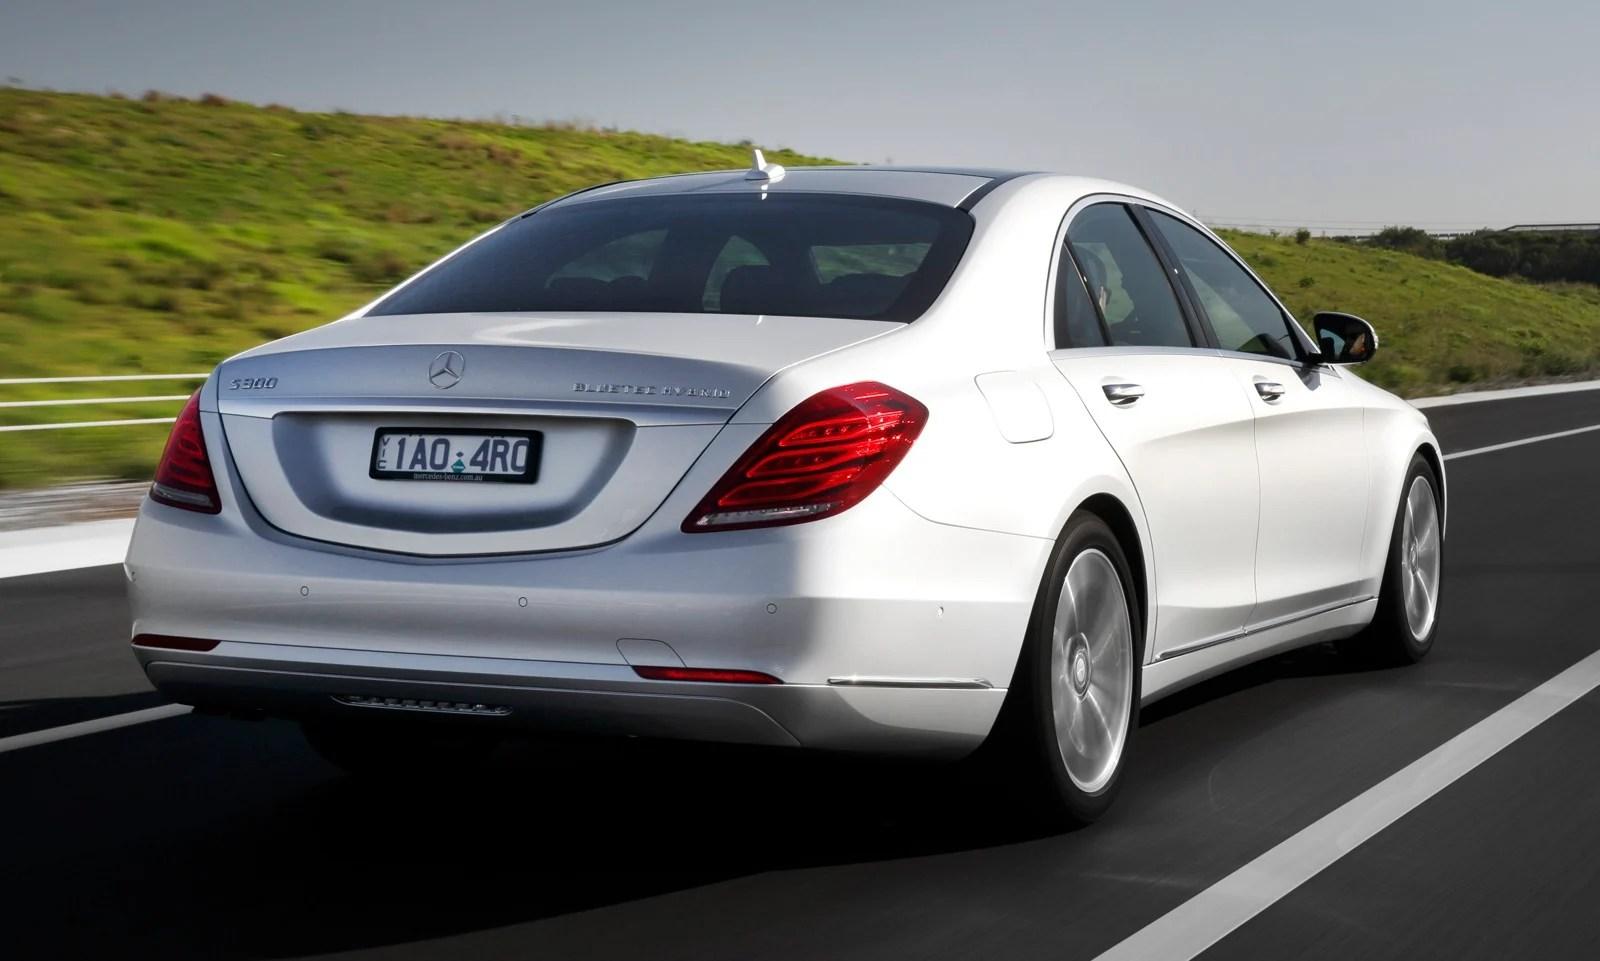 Mercedes Benz S Class Range Expands S300 BlueTEC Hybrid